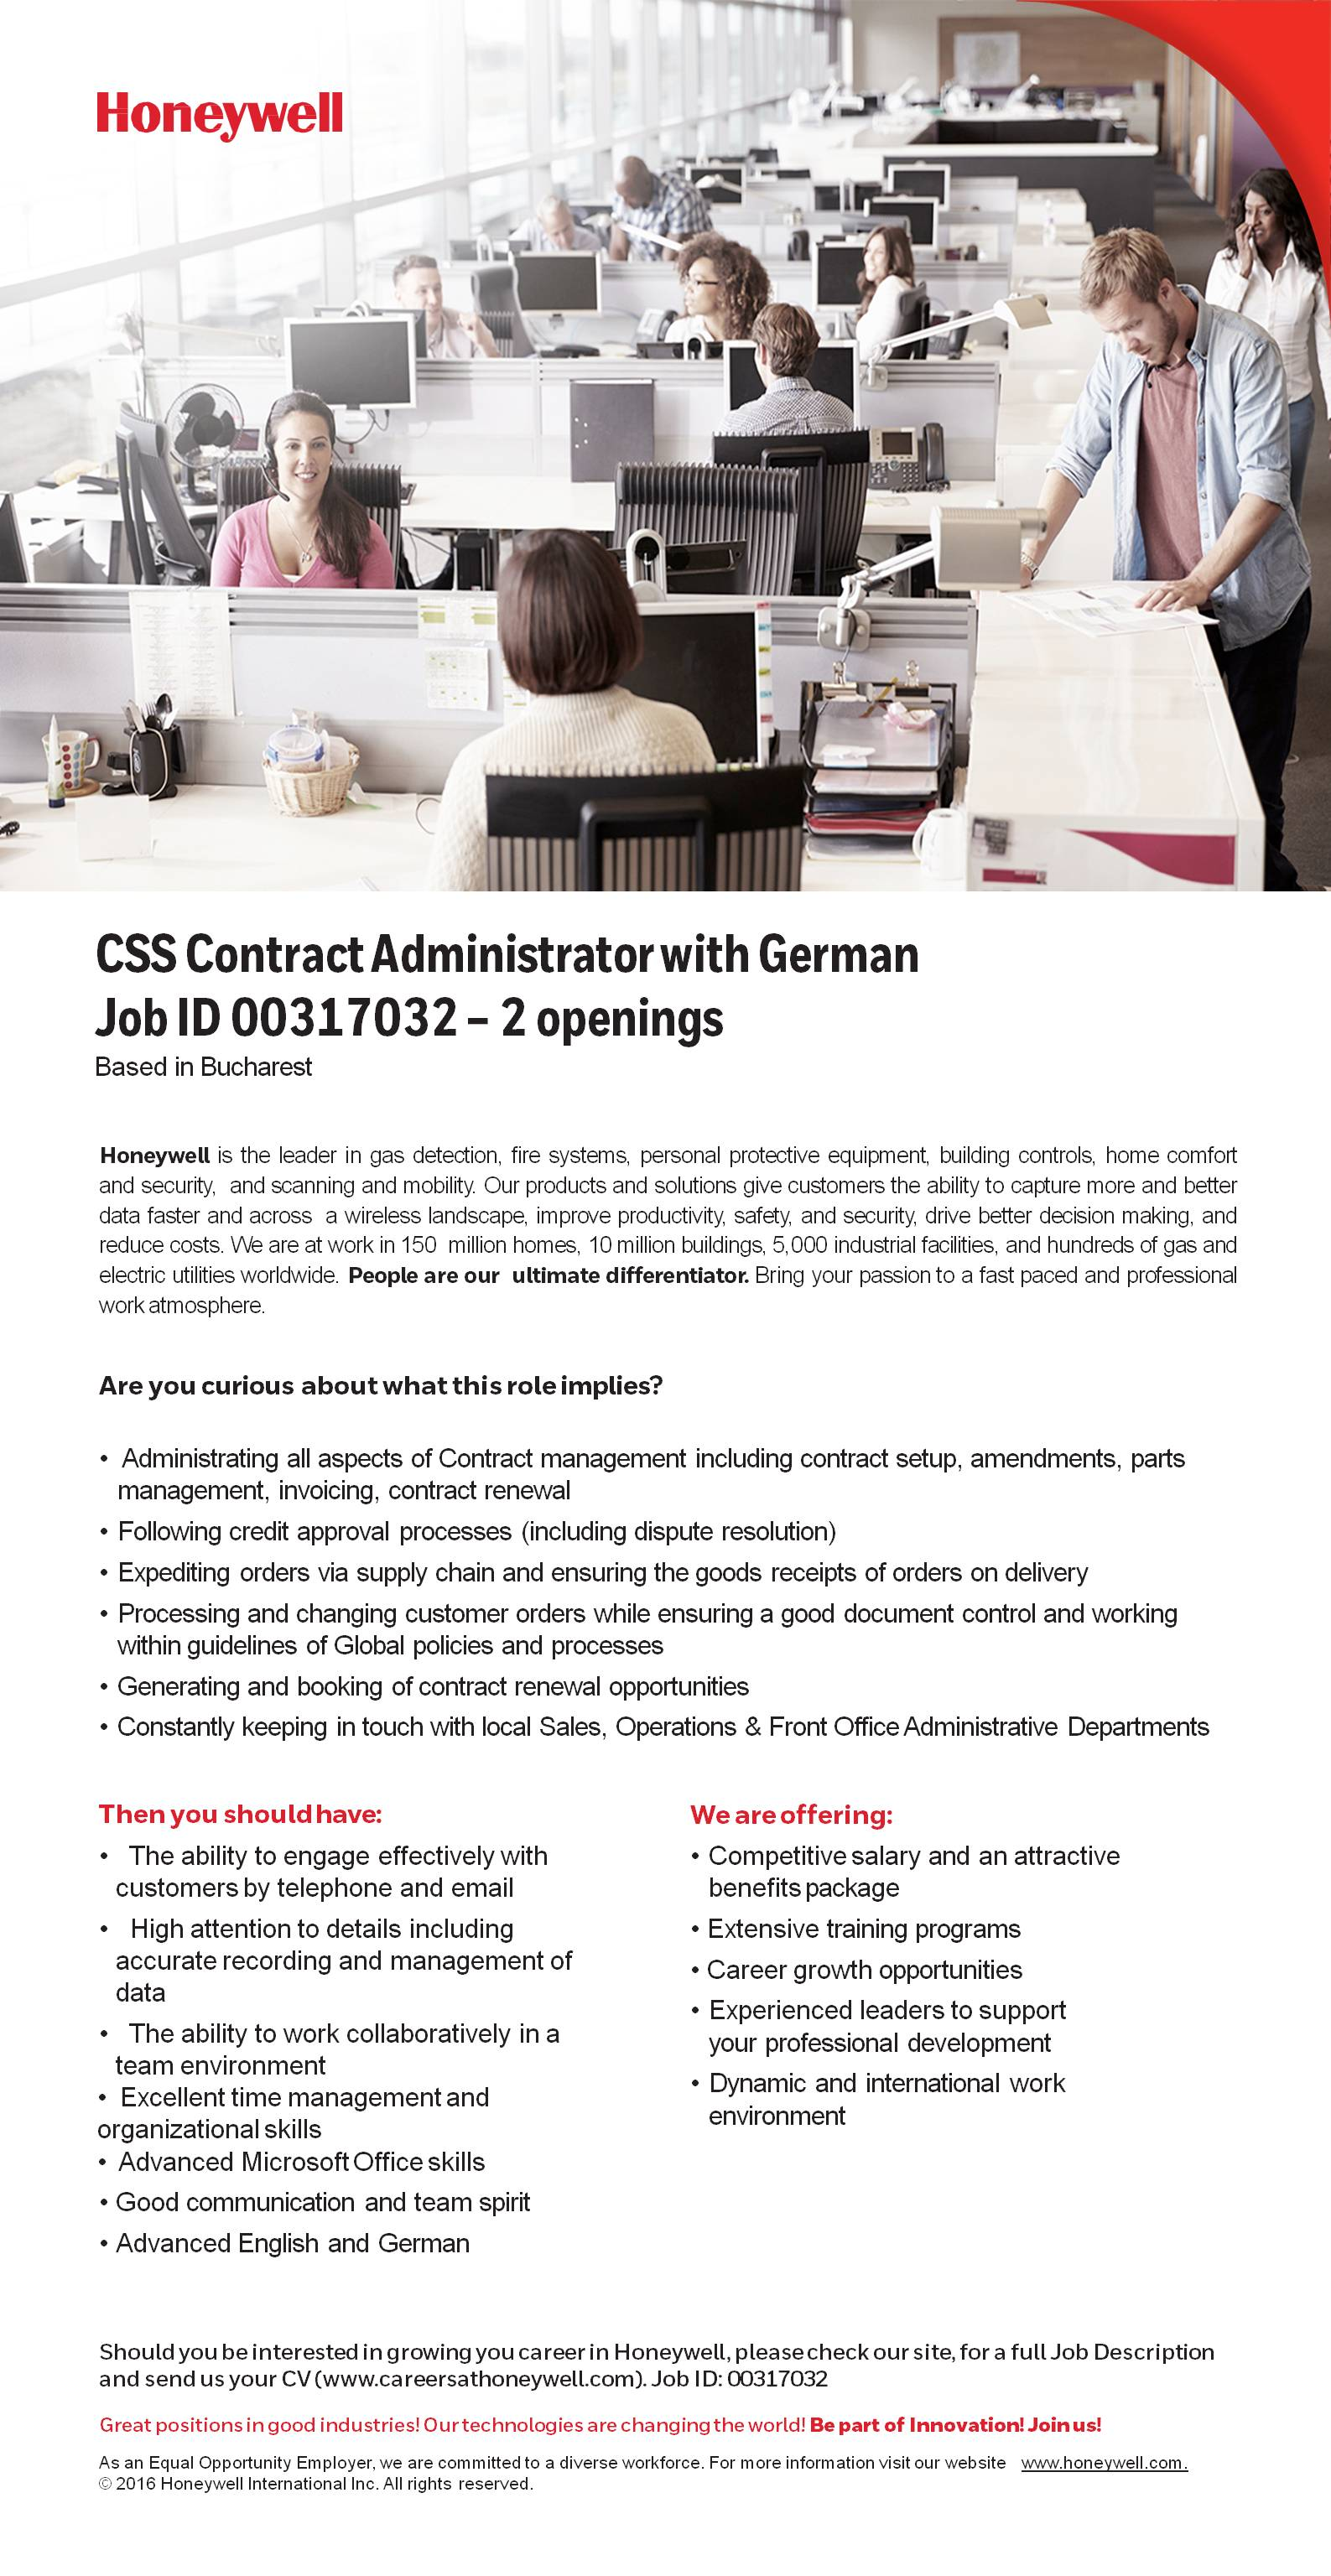 CSS Contract Administrator_German_ASLS_jpeg